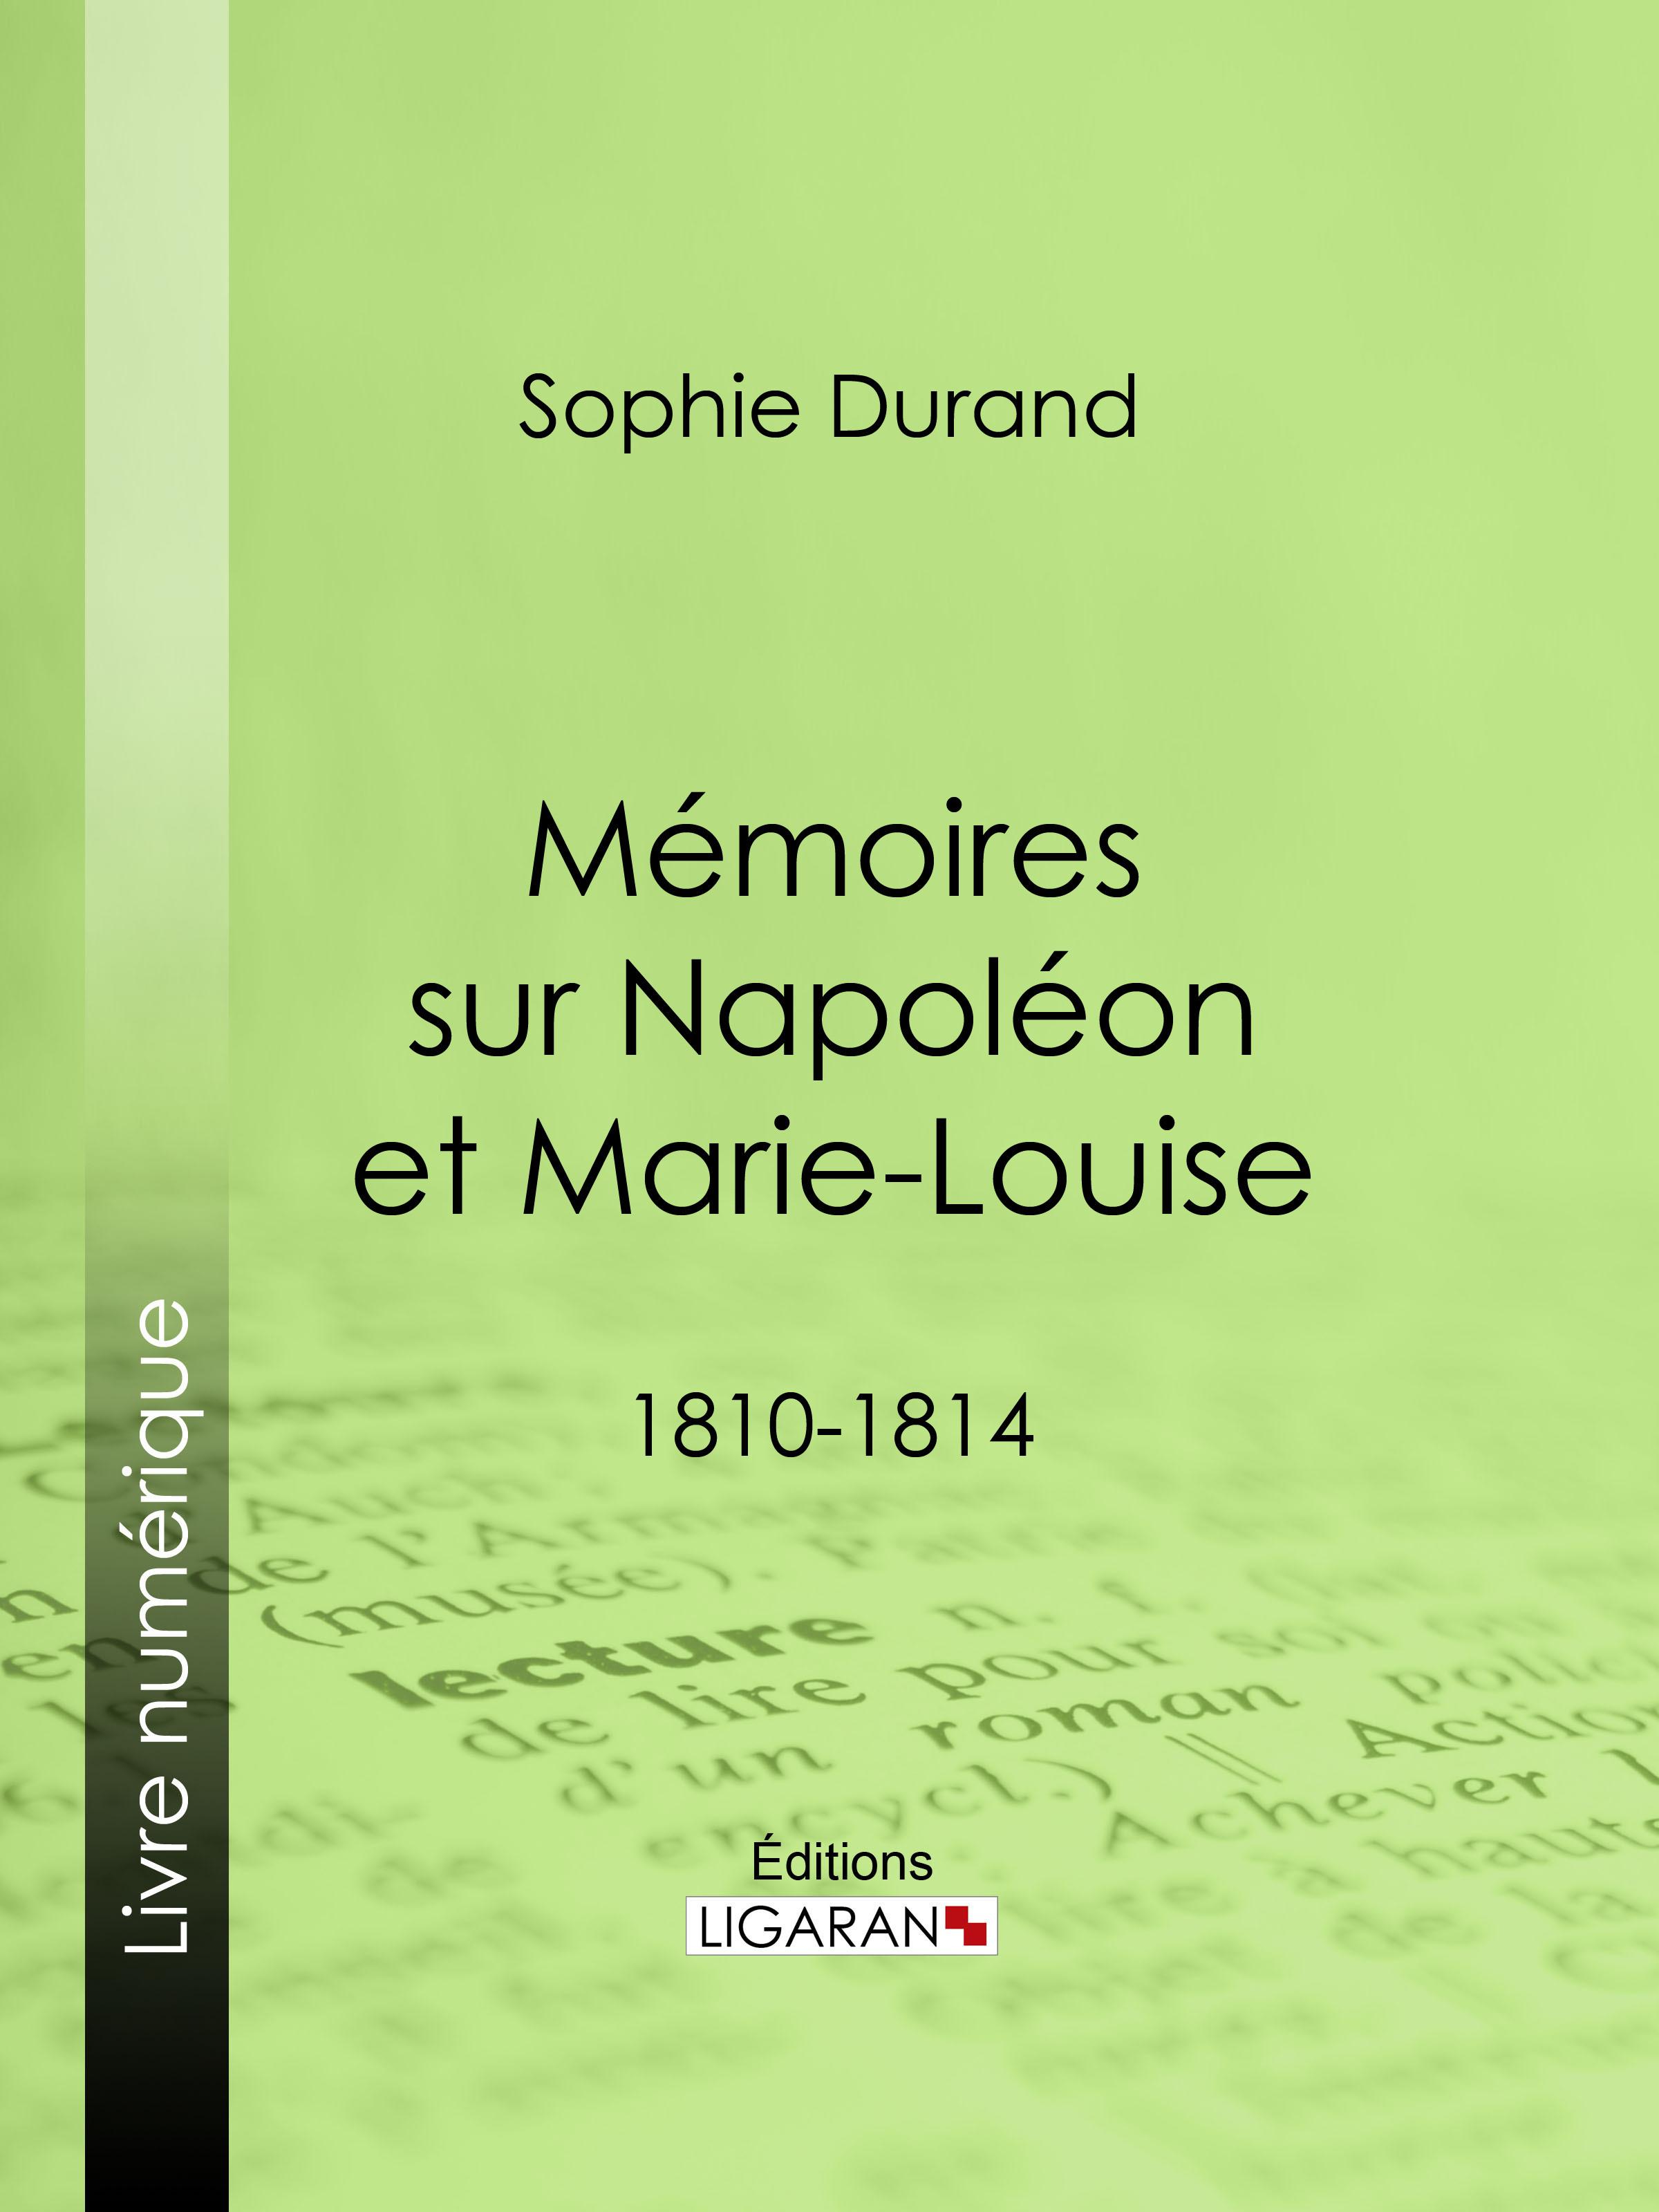 Mémoires sur Napoléon et Marie-Louise